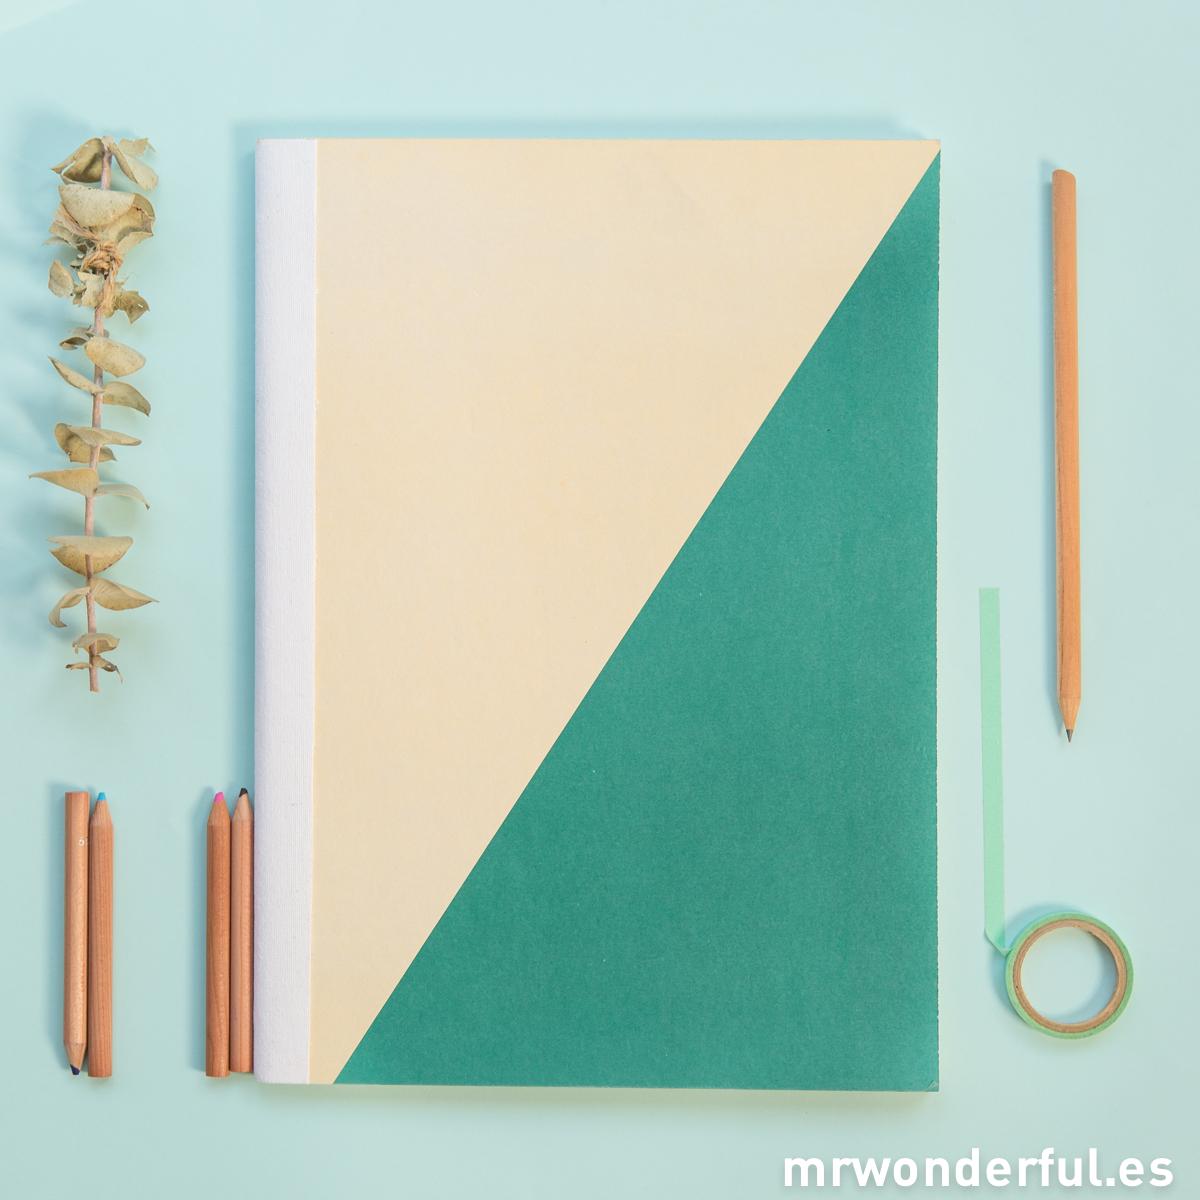 mrwonderful_SK0990_2_libreta-grande-beige-verde-oscuro-3